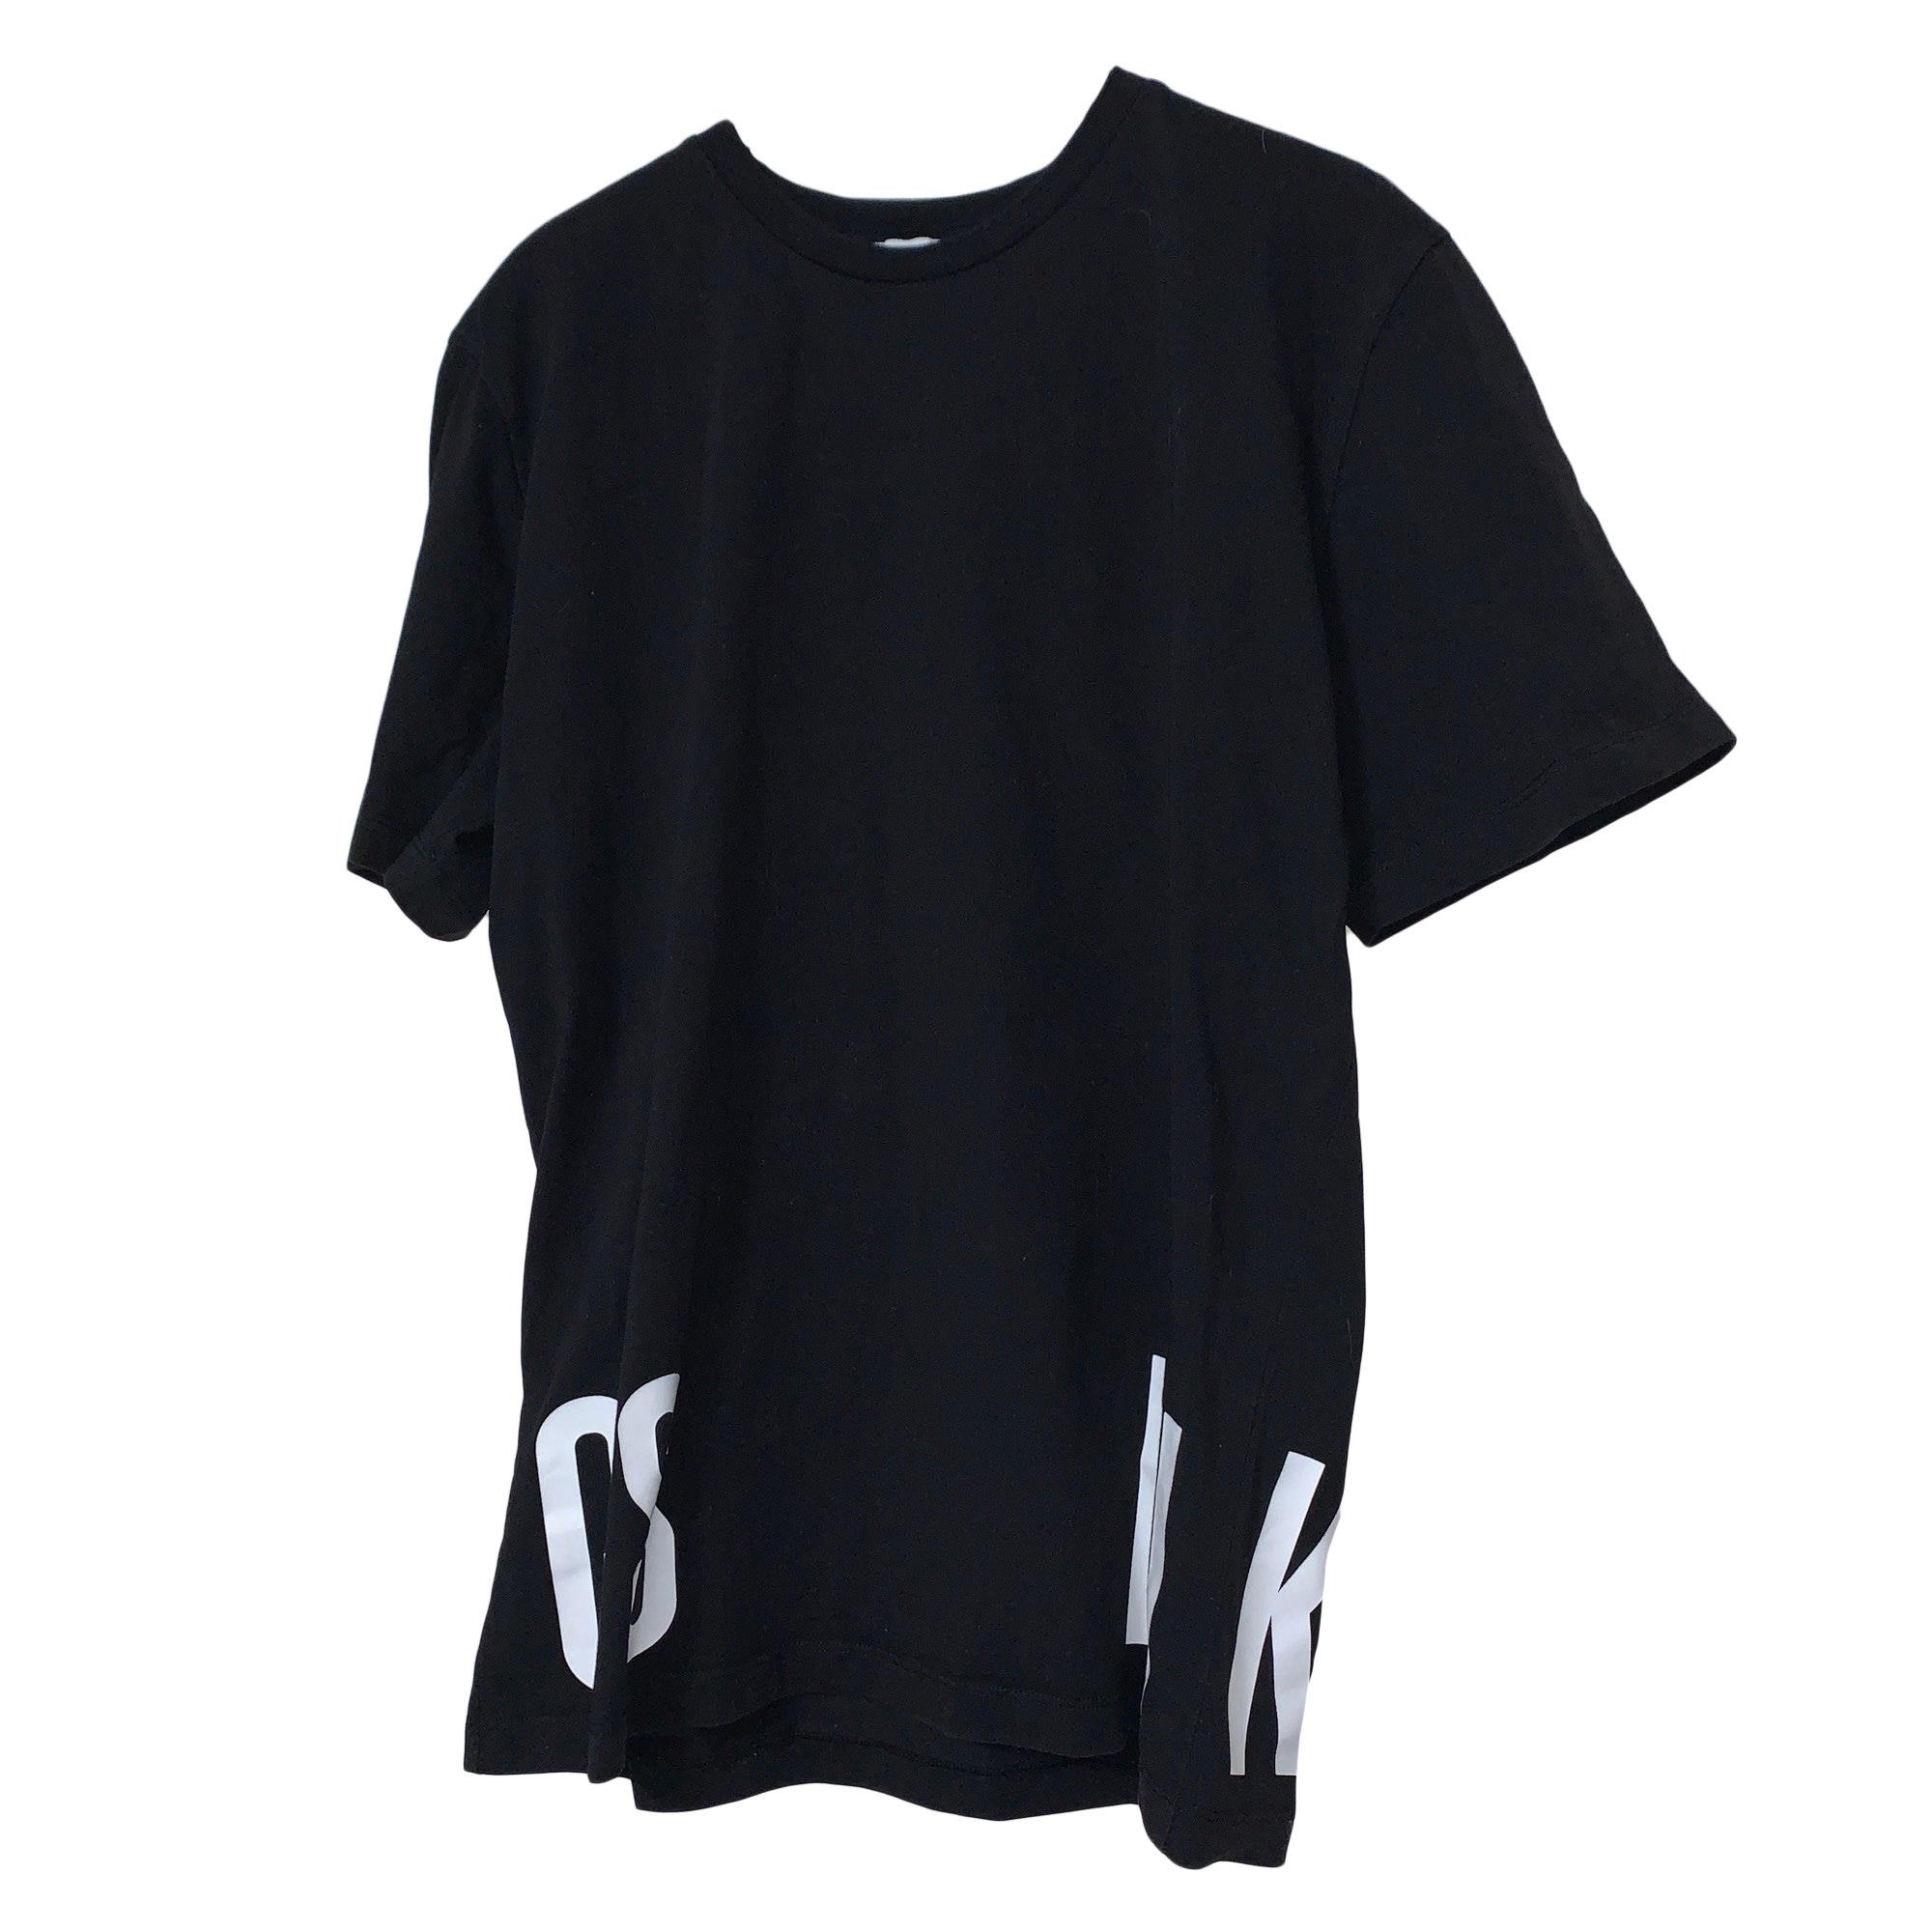 Tee-shirt DIRK BIKKEMBERGS Noir